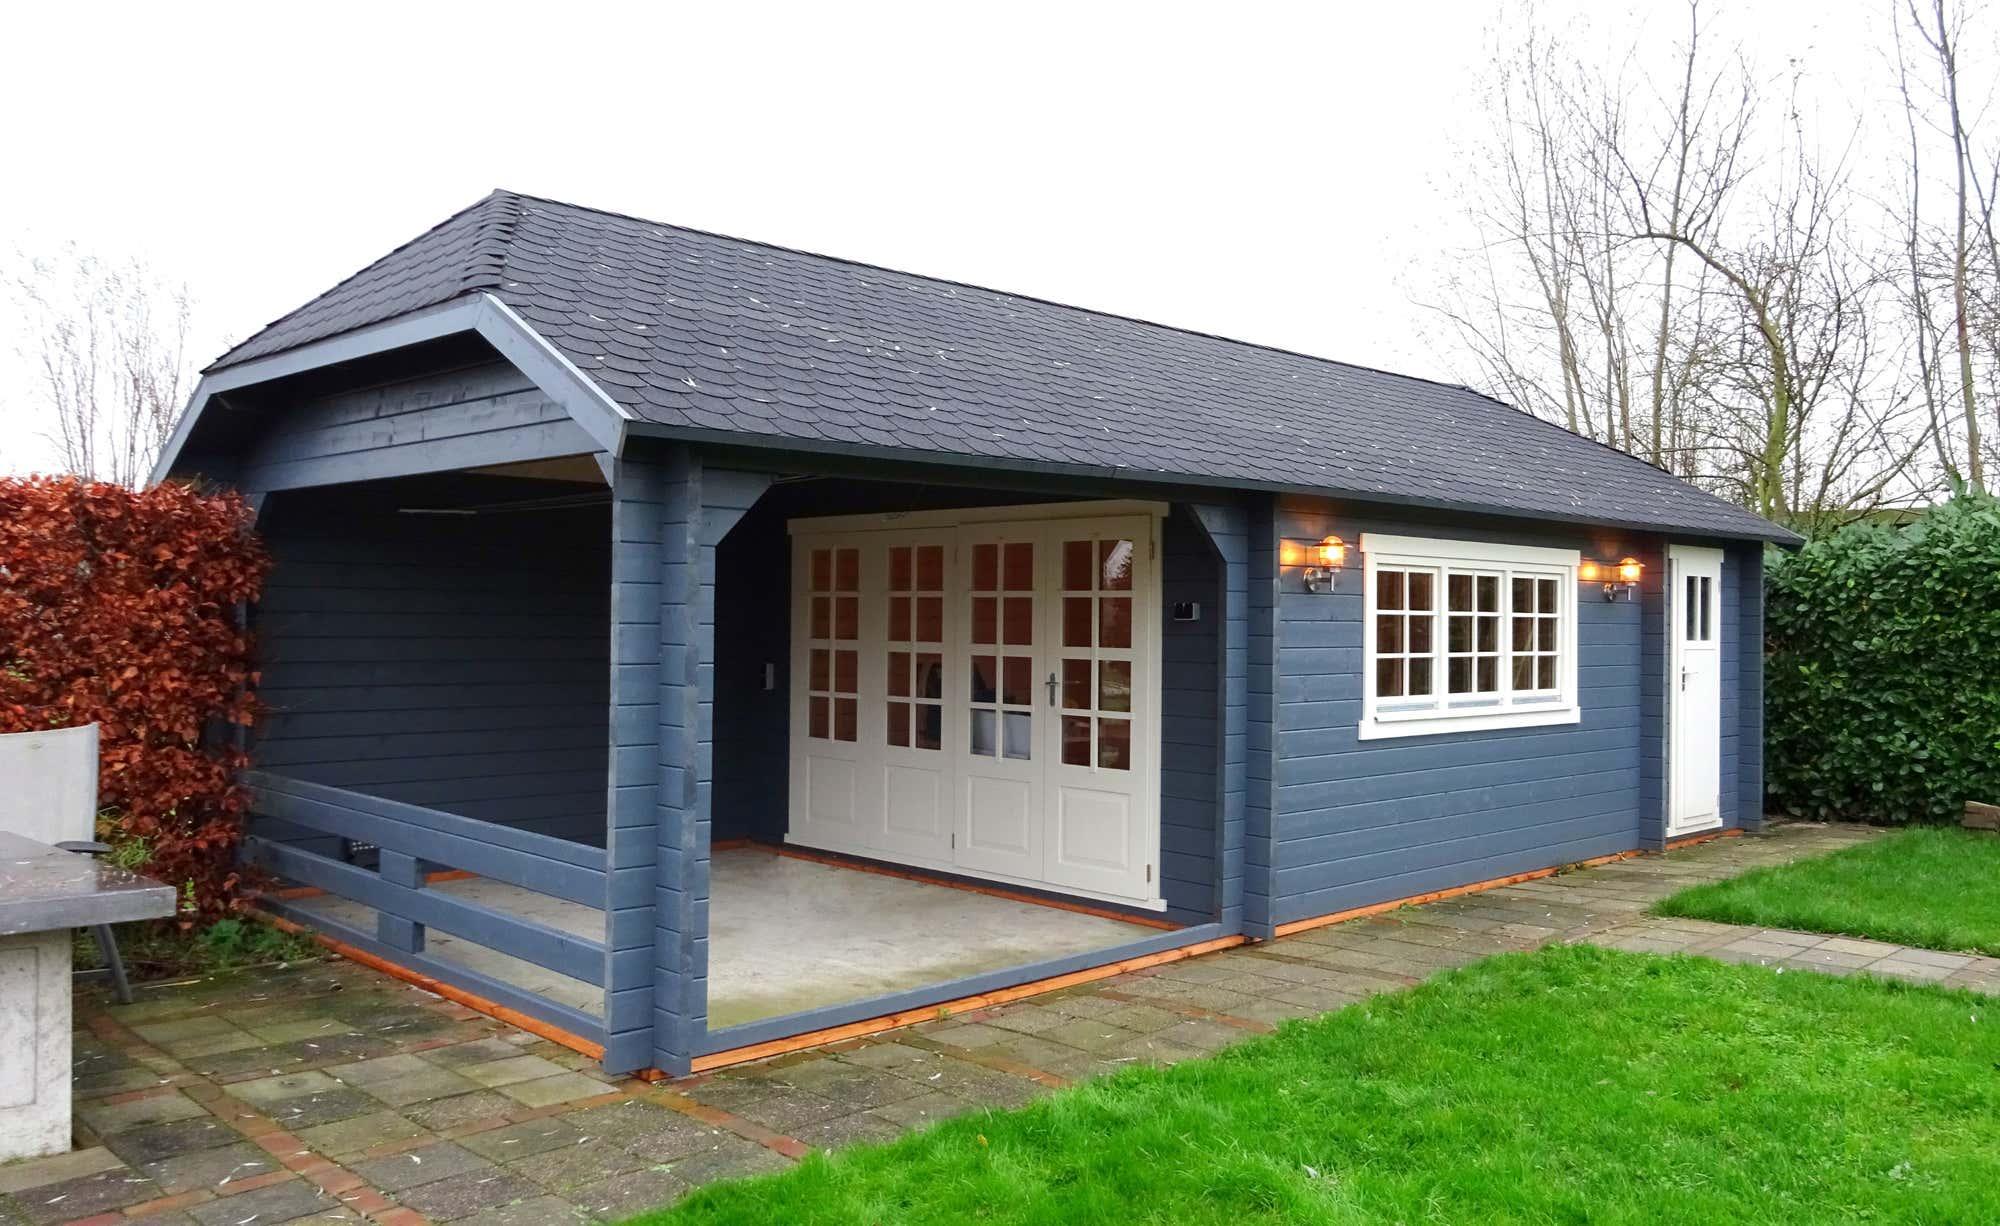 Gartenhaus modell wolfskappe 50 b mit ger teraum 4x4 3a - Gartenhaus 30 qm ...